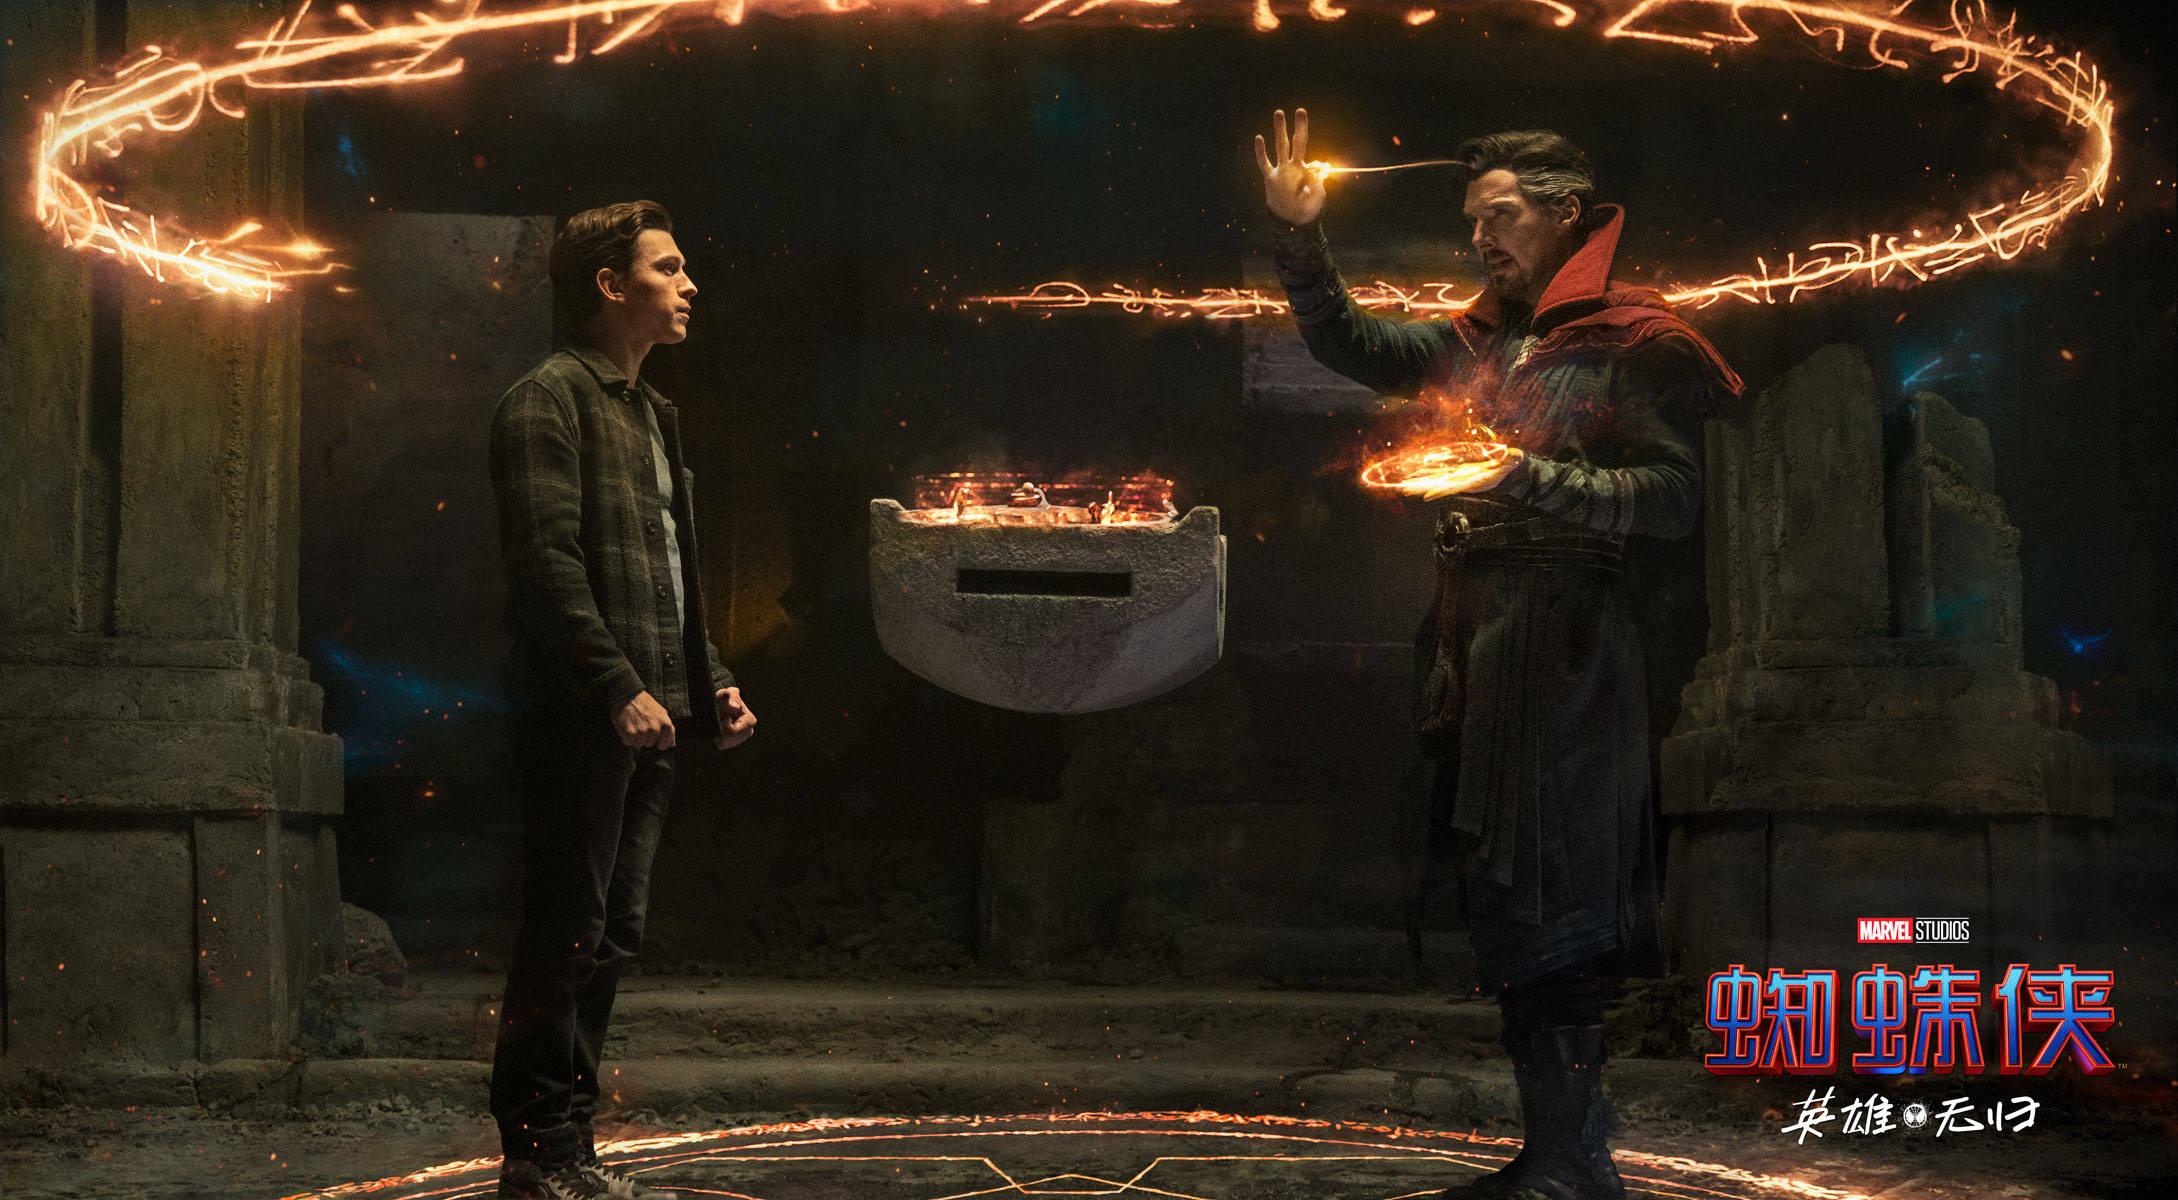 《蜘蛛侠:英雄无归》曝全球首支预告 多元宇宙开启无限可能